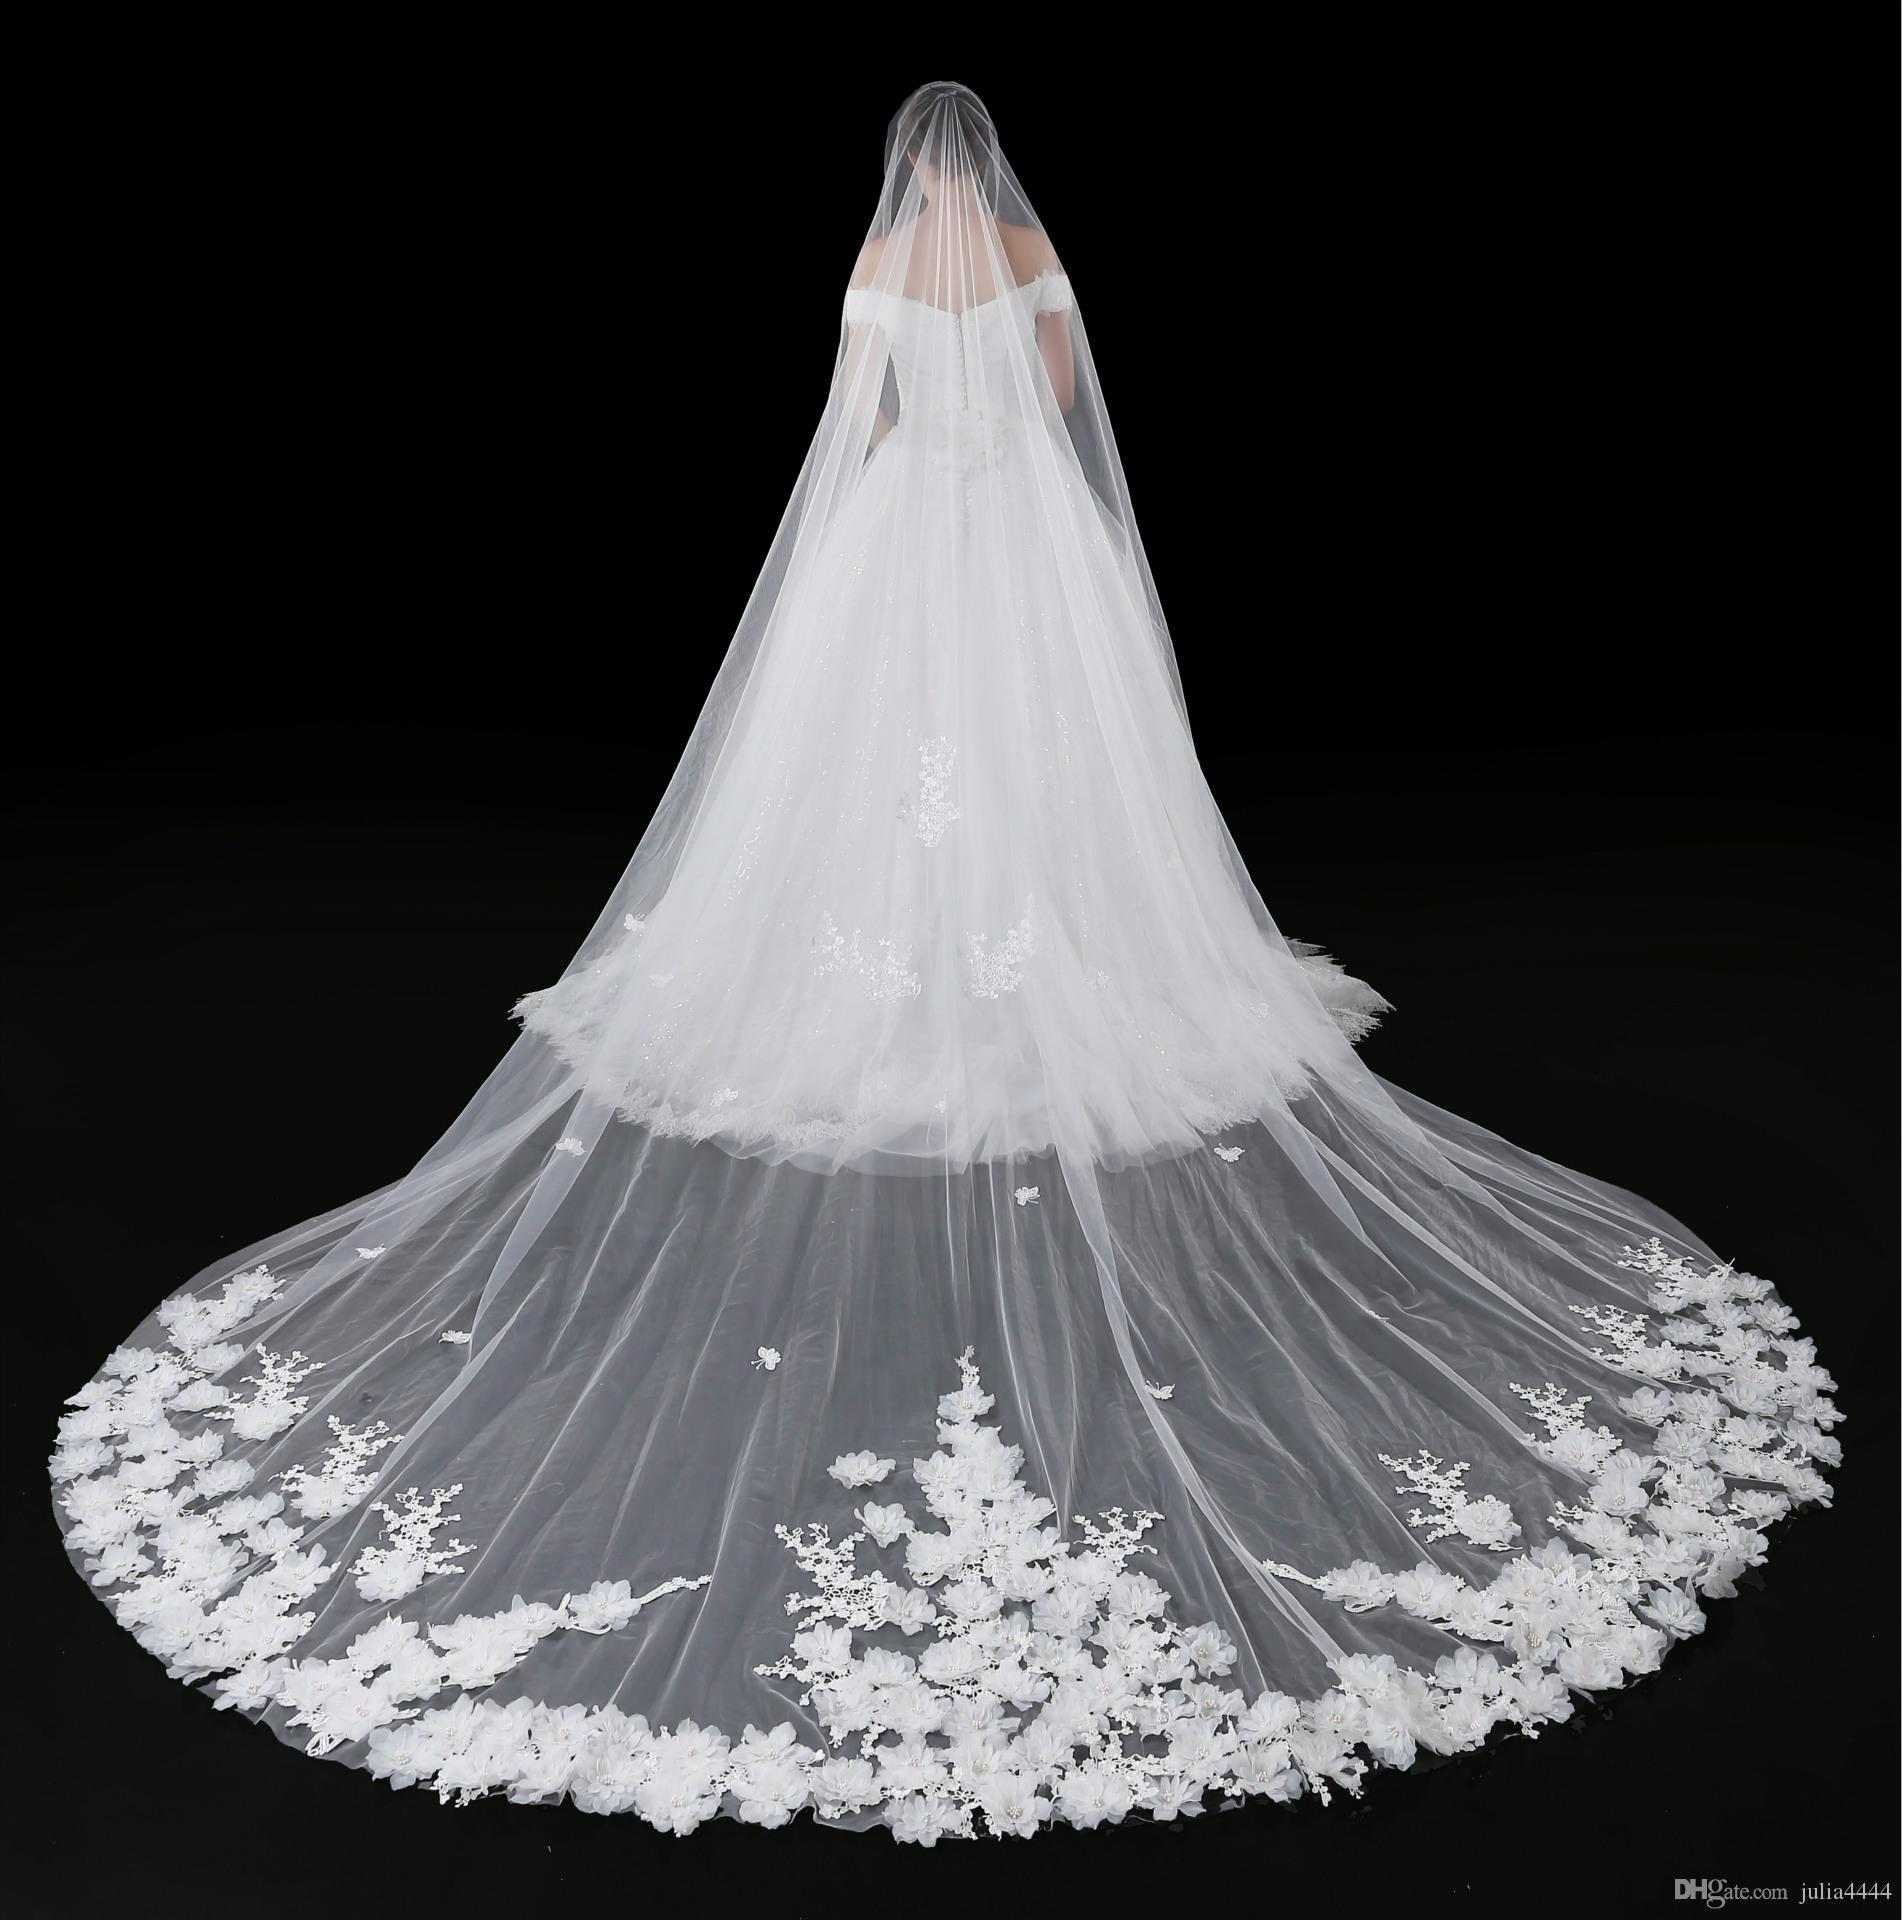 Großhandel 15 Kathedrale Schleier Für Hochzeitskleid Brautkleid 15D Blumen  Weichen Tüll Schnittkante Weiß Elfenbein Tüll Eine Schicht Mit Kamm 15